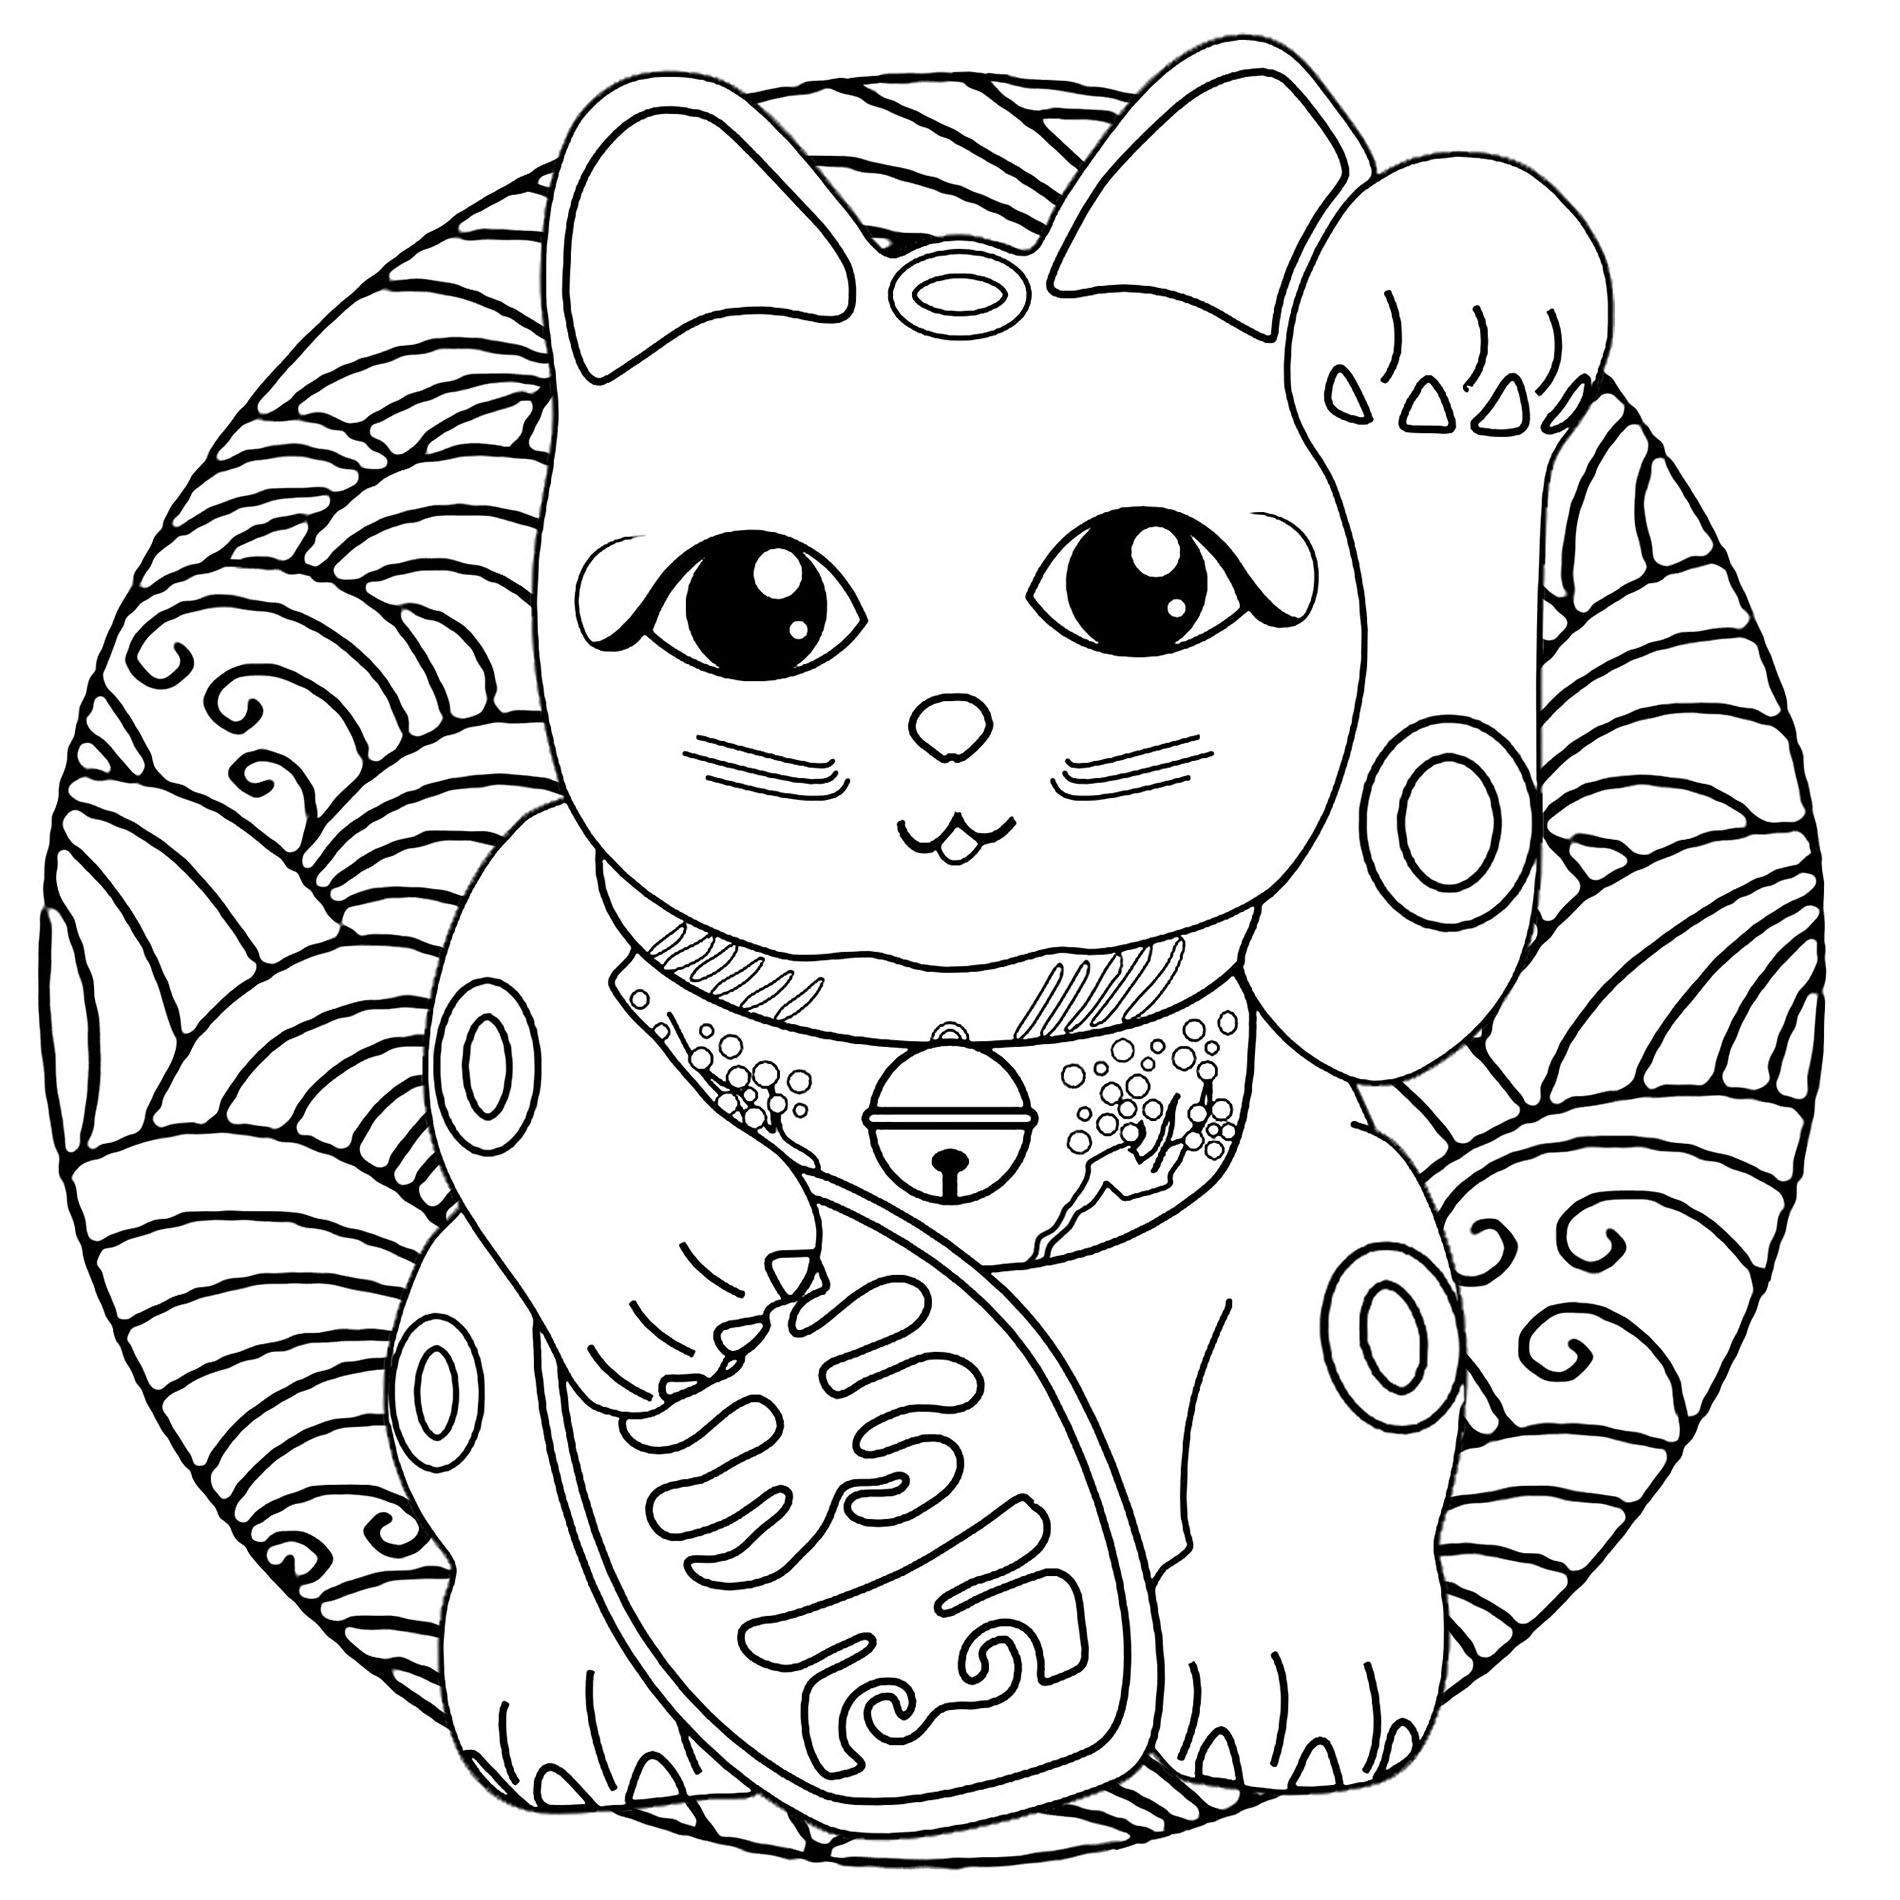 Mandala Maneki Neko Coloriage Maneki Neko Coloriages